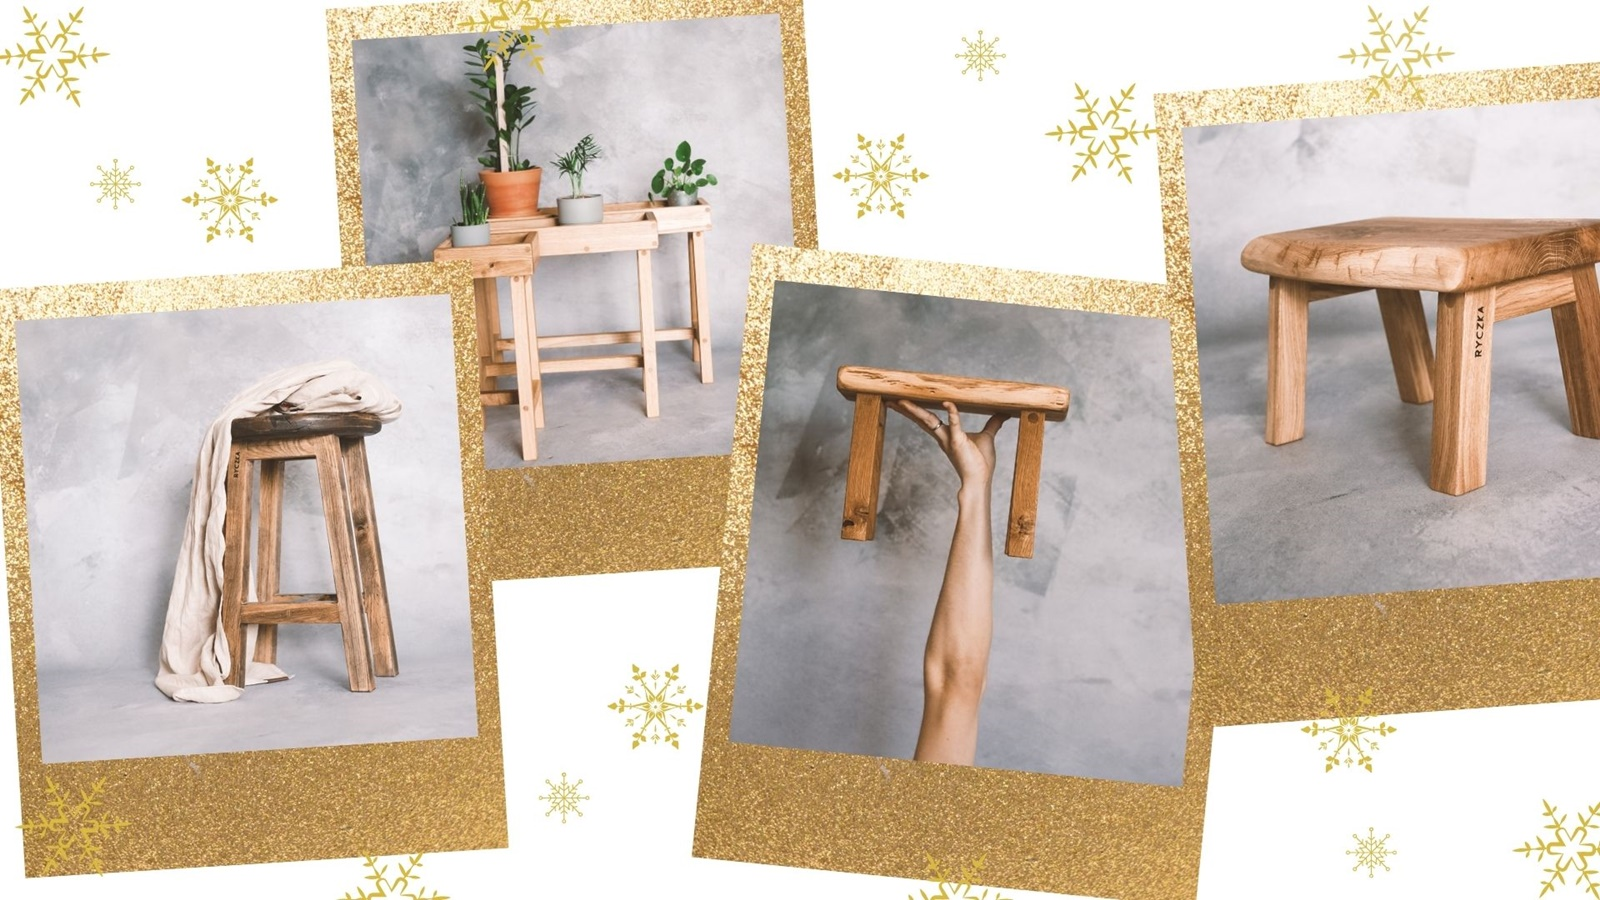 1 drewniane stołki prezent dla dzieci dorosłych eko w stylu boho drewniane dodatki do mieszkania stojaki pod kwiaty boze narodzenie prezenty pomysly co kupic rodzicom